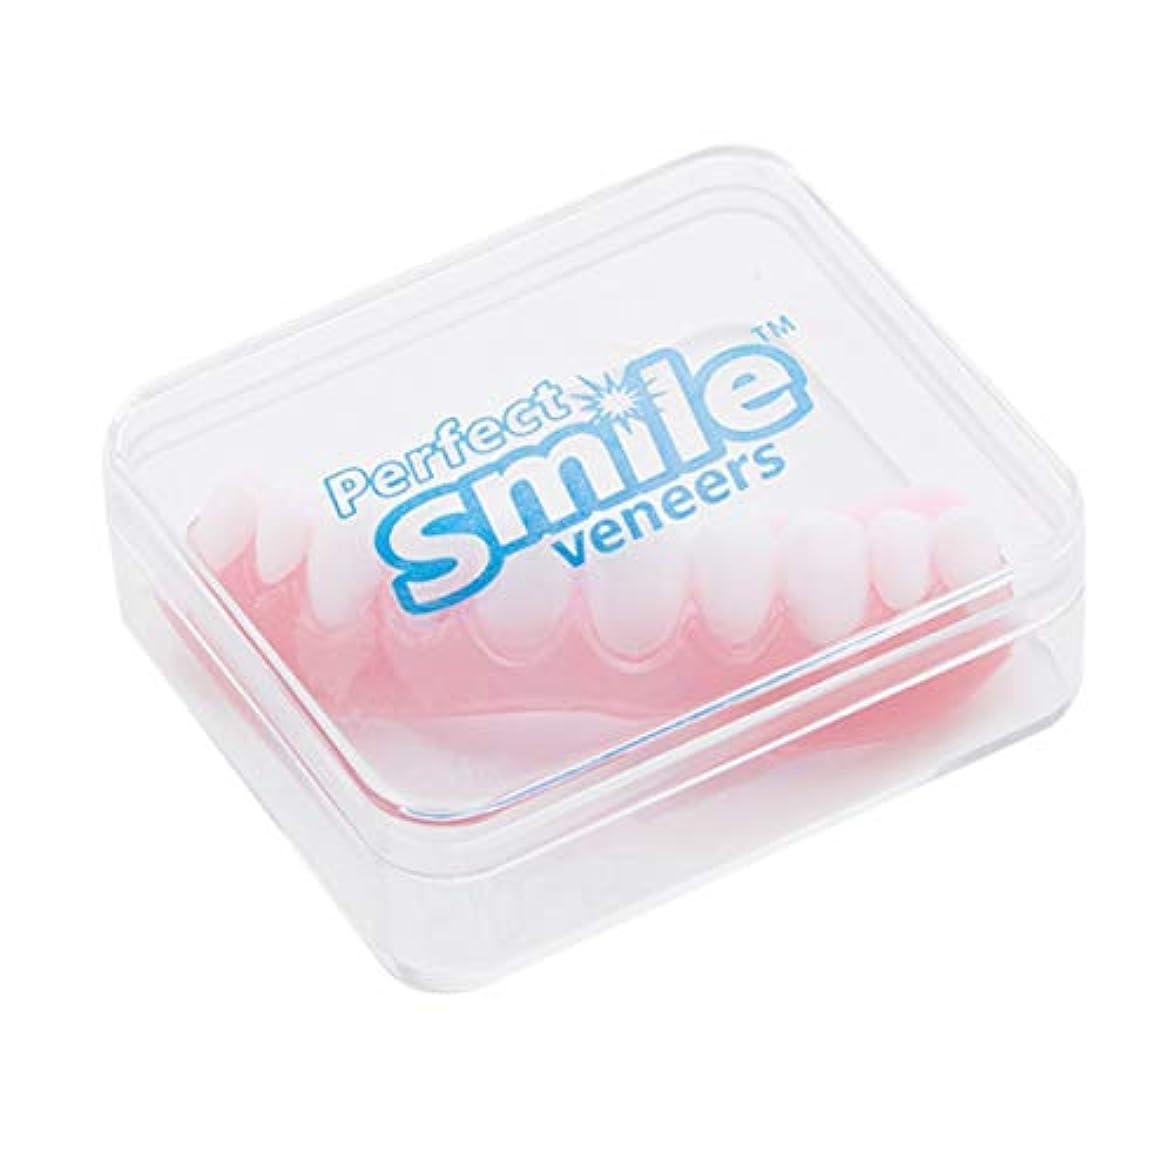 更新アイドル高揚したintercoreyスーツパーフェクトインスタントスマイルコンフォートフレックス歯ホワイトニング義歯貼り付け偽歯アッパー化粧品突き板歯カバー美容ツール